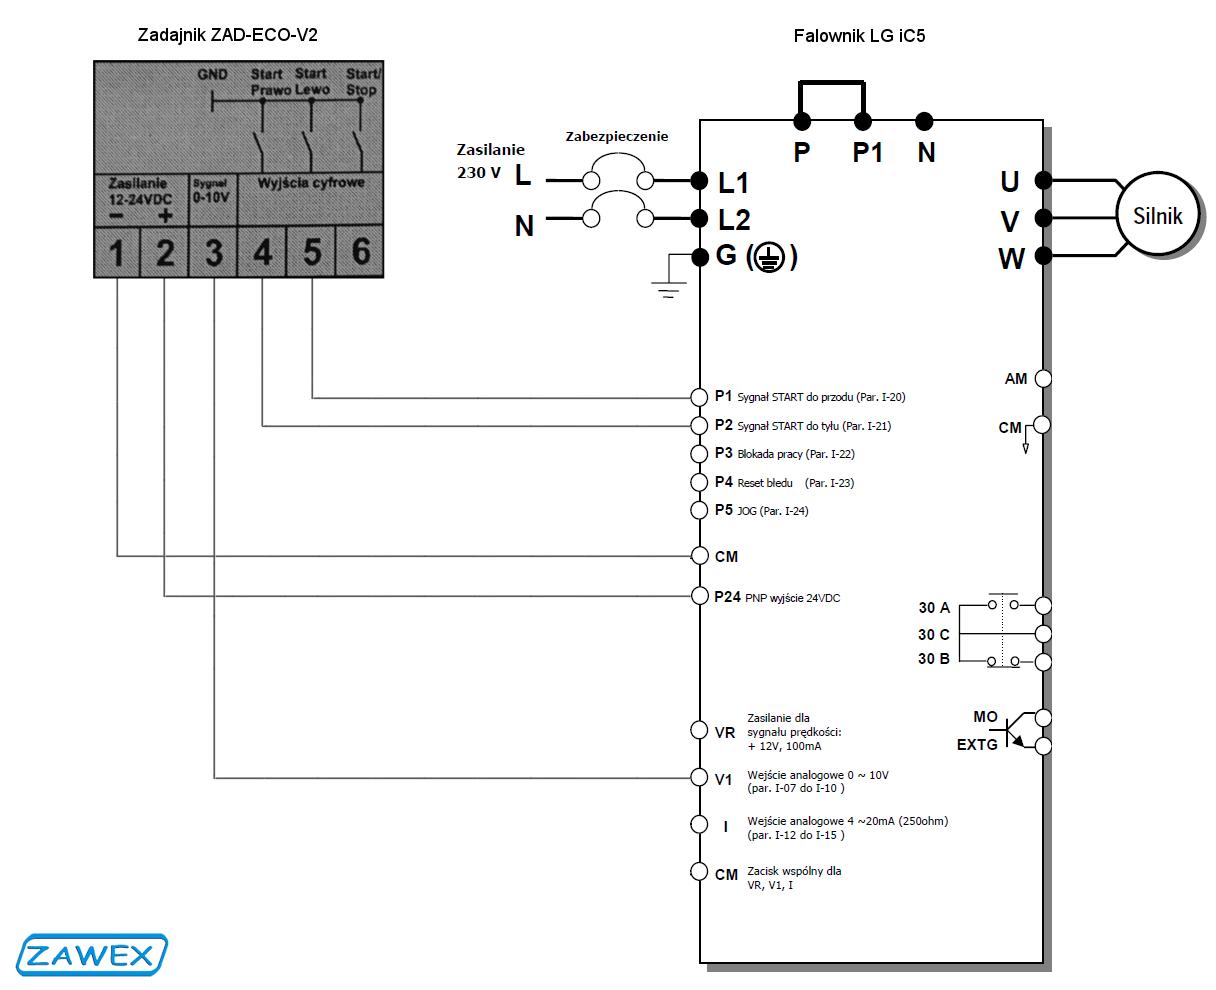 Schemat połączenia Zadanika ZAD-ECO-V2 z falownikiem LG iC5